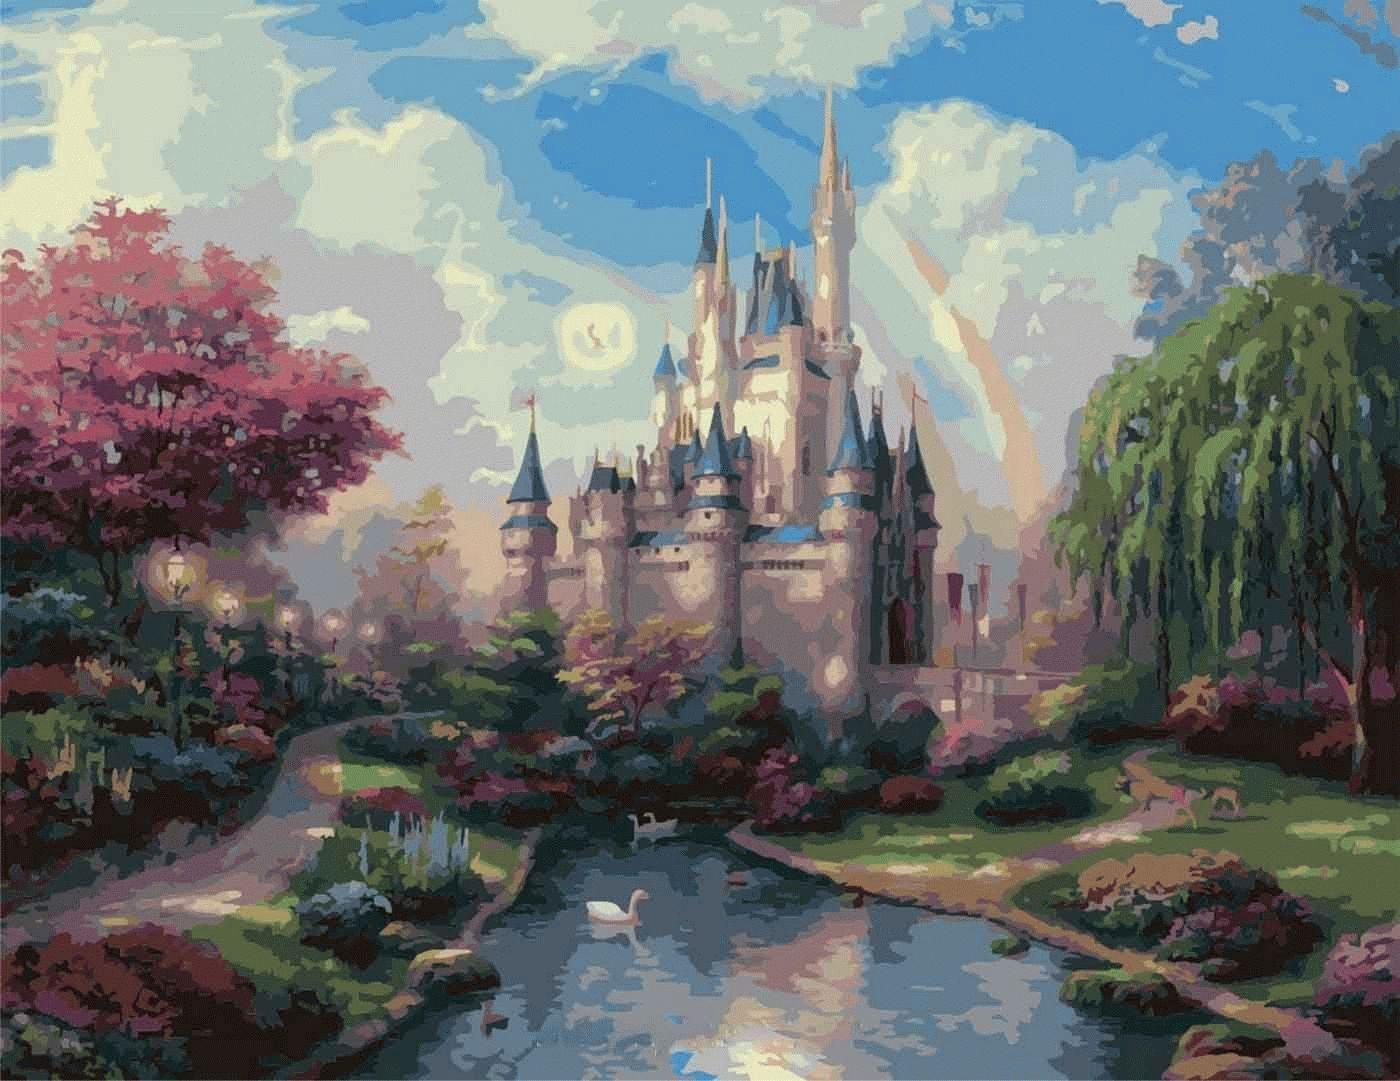 """«Замок» Томаса КинкейдаЦветной (Premium)<br>Картина по номерам """"Замок"""", созданная по сюжету полотна Томаса Кинкейда, поистине волшебная, ведь на ней изображен настоящий замок Золушки. Даже Бэмби пришел взглянуть на двойную радугу над башнями сказочного замка, которые ласково целуют ранние утренние ...<br><br>Артикул: MMC057_Z<br>Основа: Холст<br>Сложность: очень сложные<br>Размер: 50x65 см<br>Количество цветов: 30<br>Техника рисования: Без смешивания красок"""